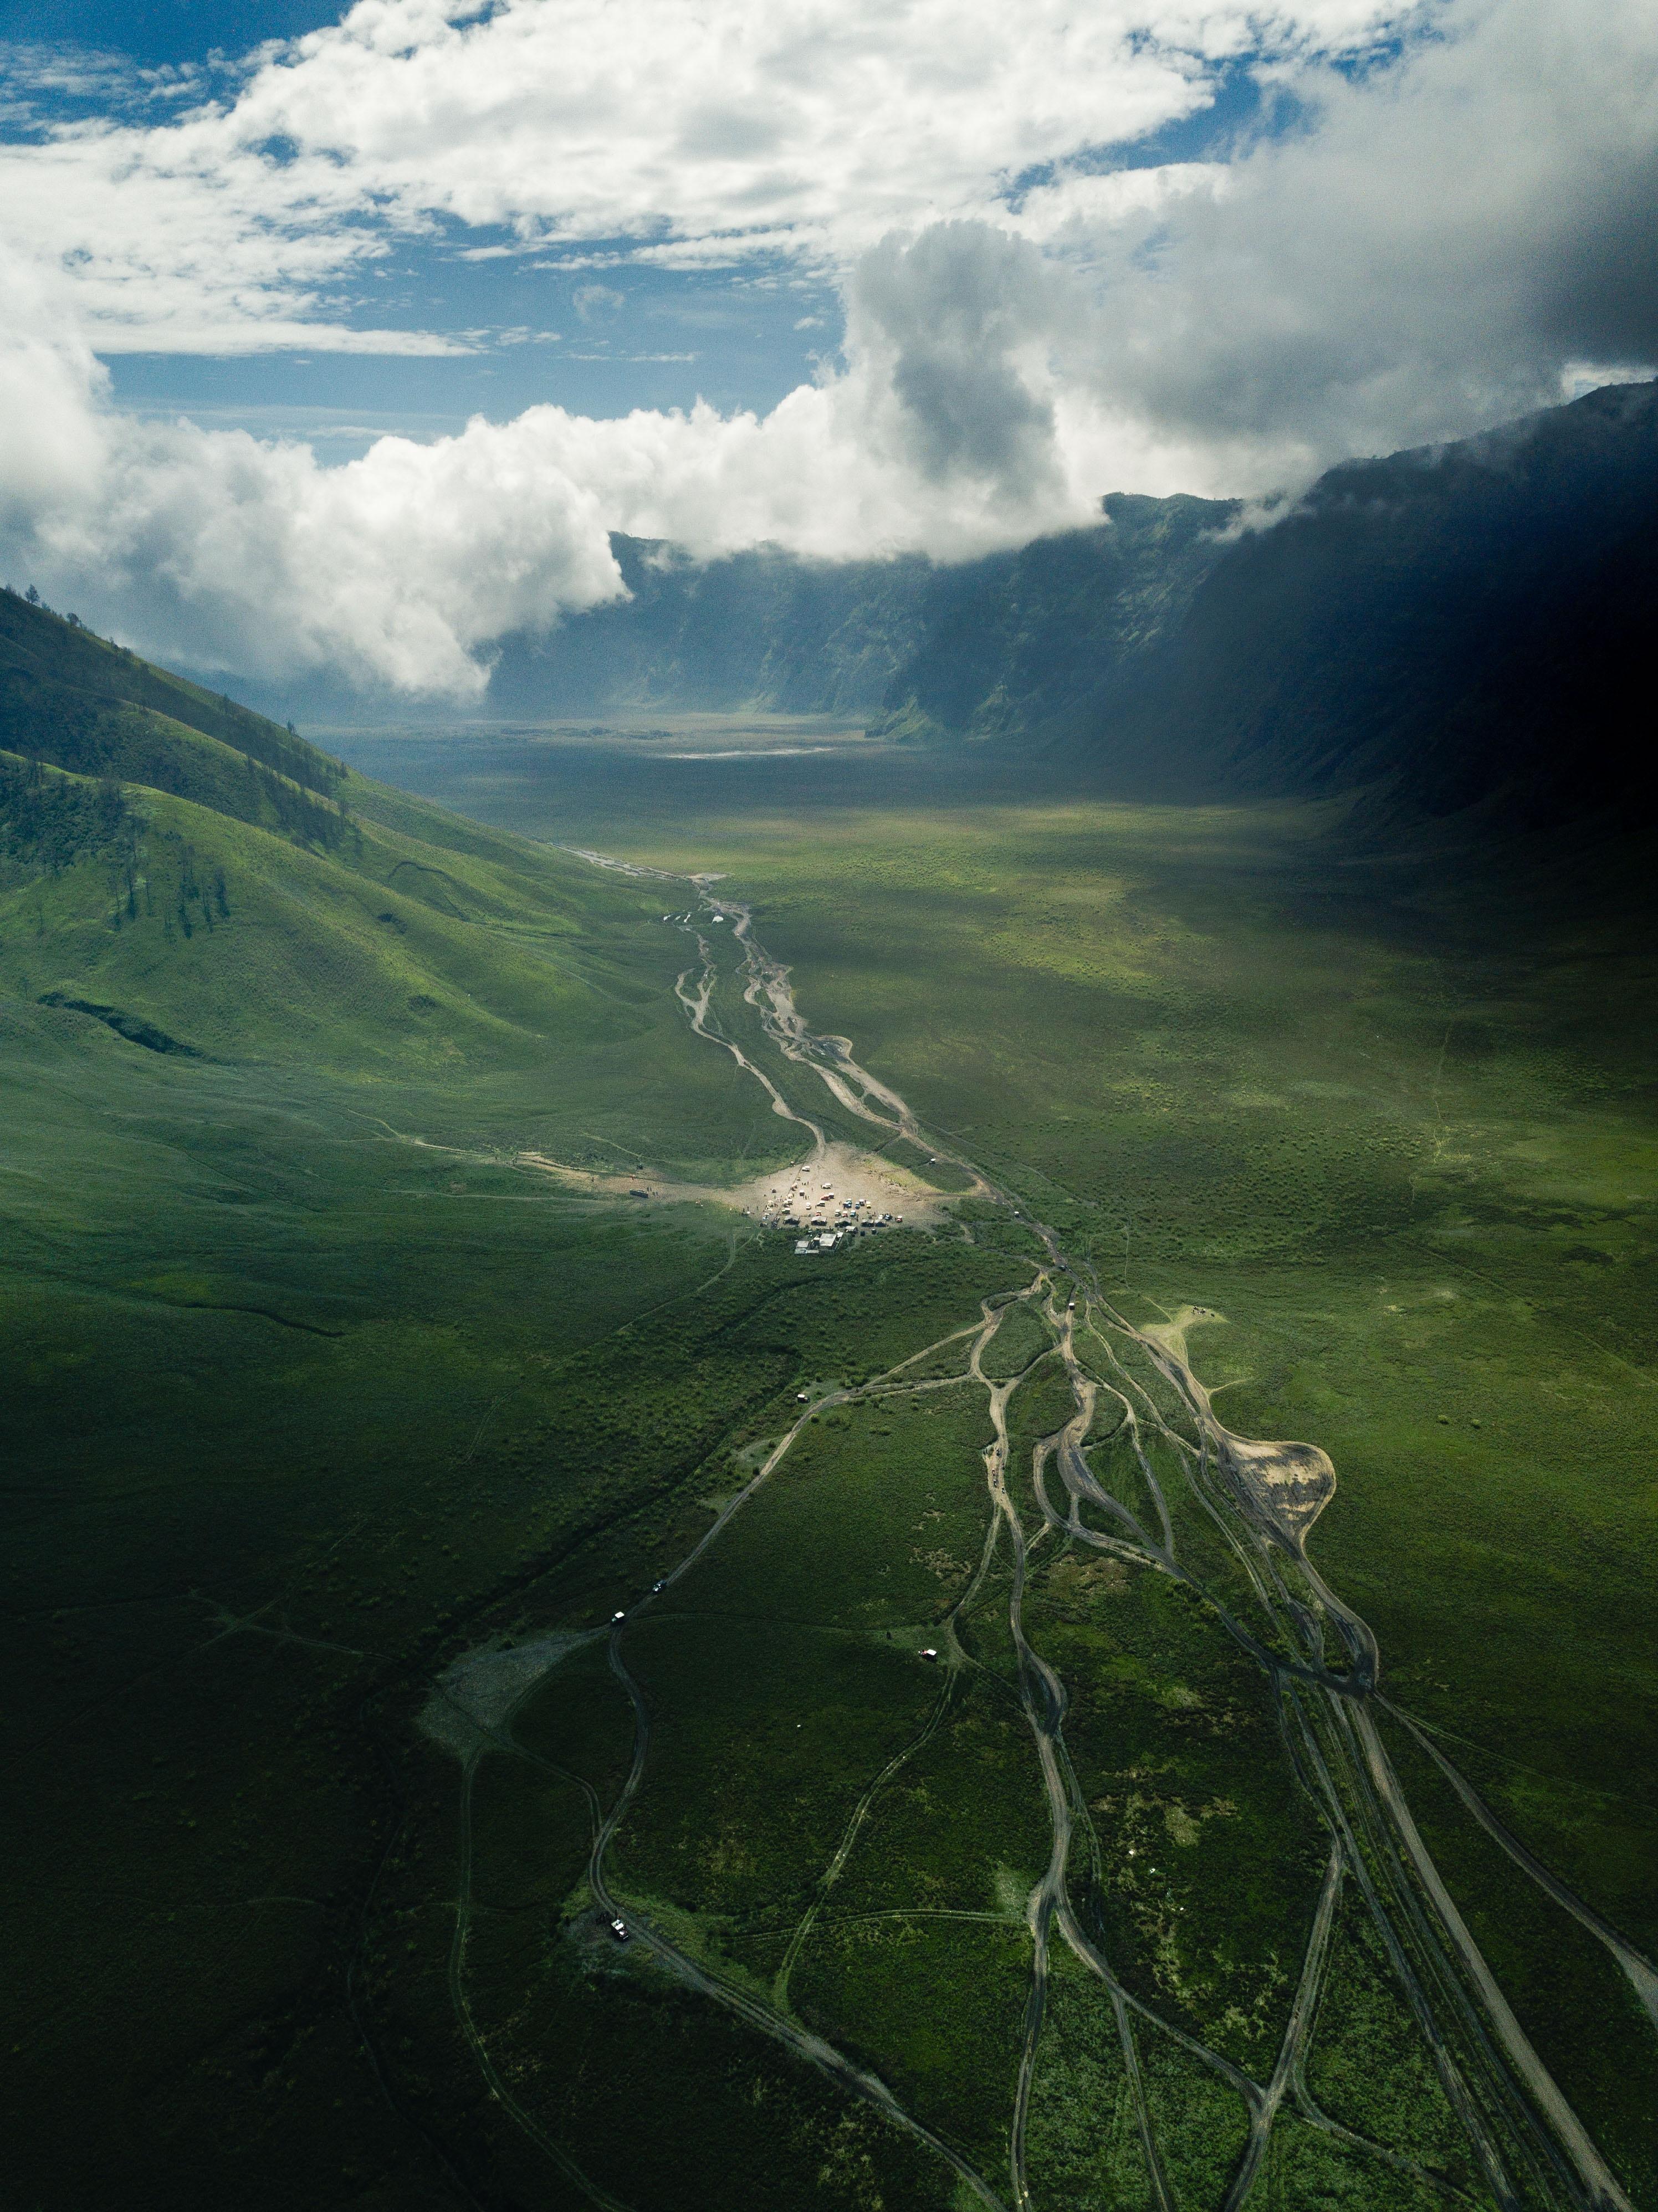 132931 Hintergrundbild herunterladen Landschaft, Natur, Roads, Clouds, Blick Von Oben, Die Hügel, Hügel, Senke, Tal - Bildschirmschoner und Bilder kostenlos